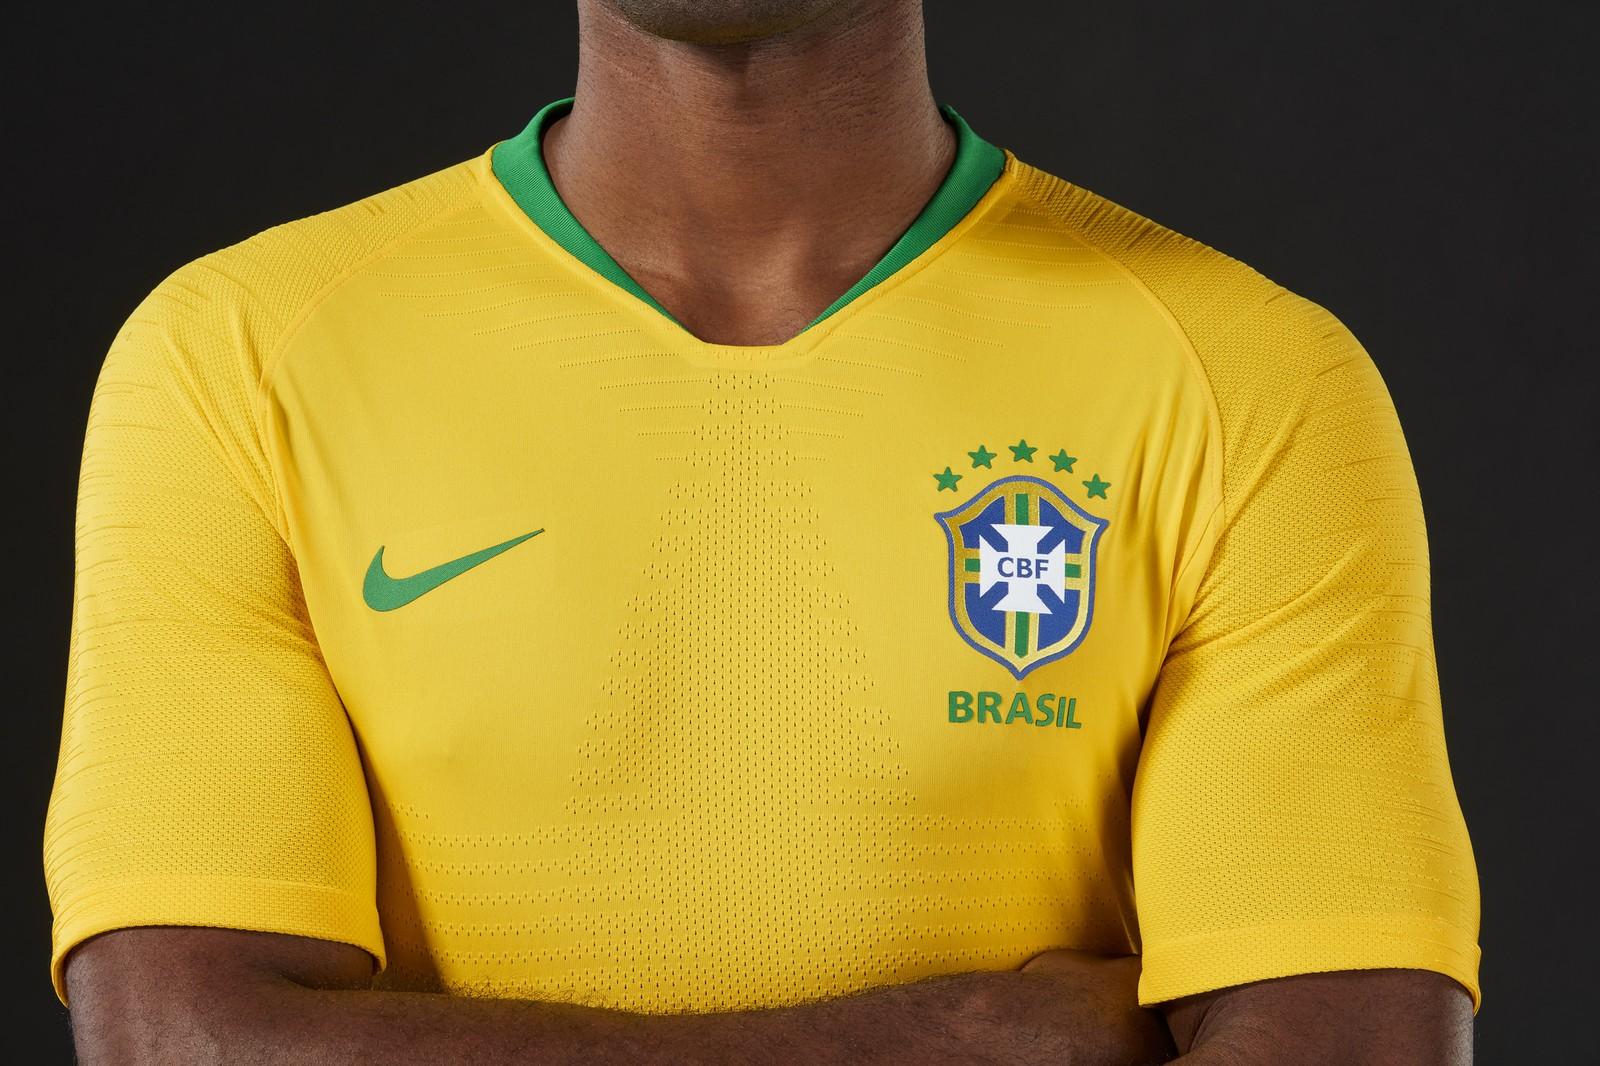 90c022251c CBF divulga a camisa oficial da Seleção Brasileira para a Copa do ...